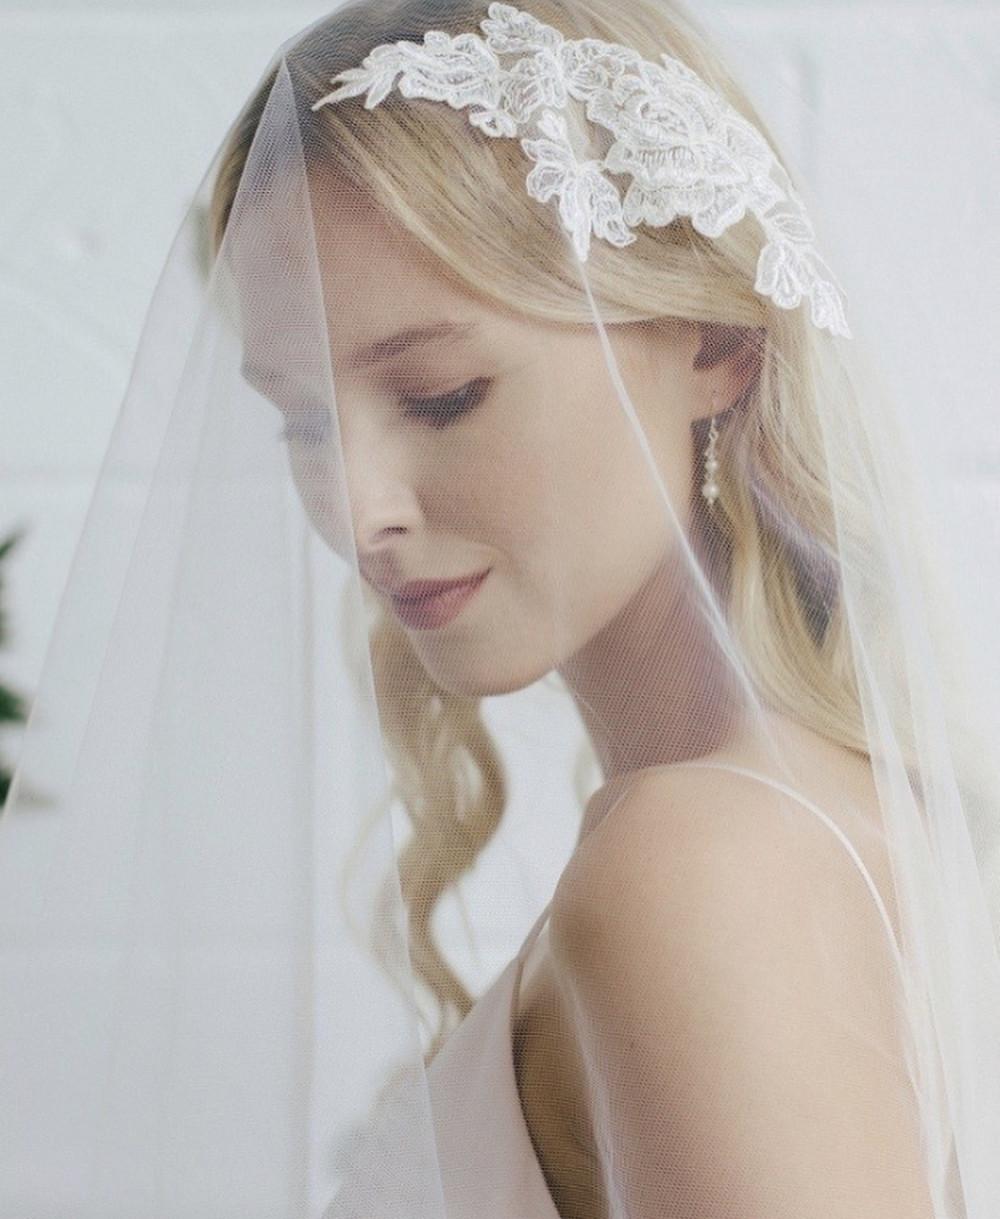 Beautiful bride wearing romantic veil